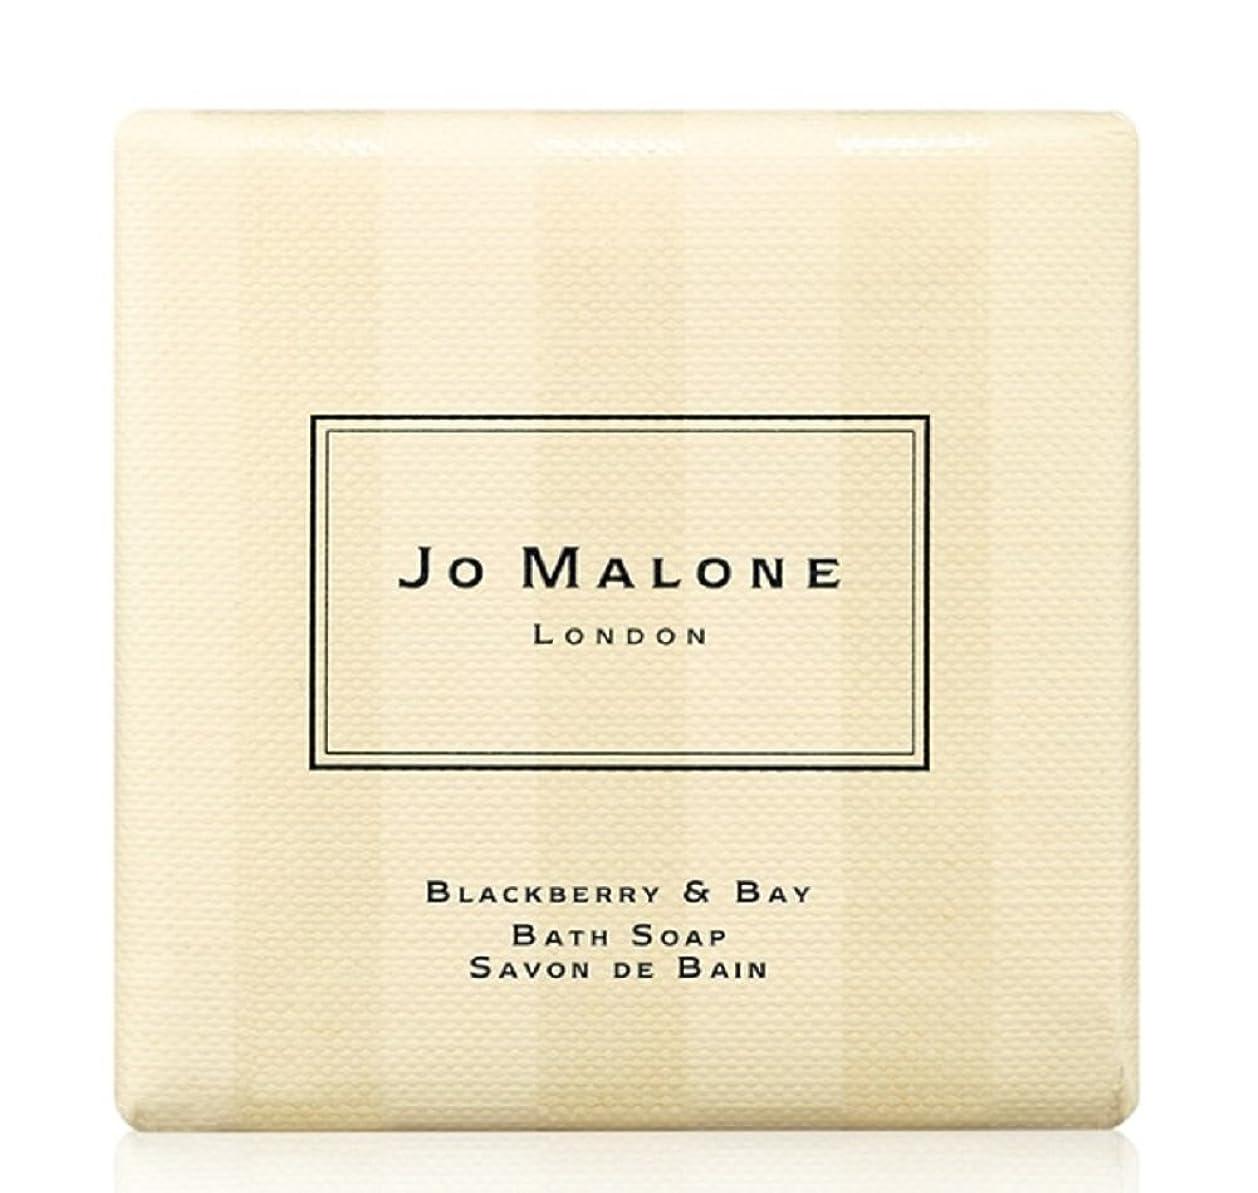 差し控える構造的冒険家ジョーマローン ブラックベリー&ベイ バス ソープ 石鹸 100 g